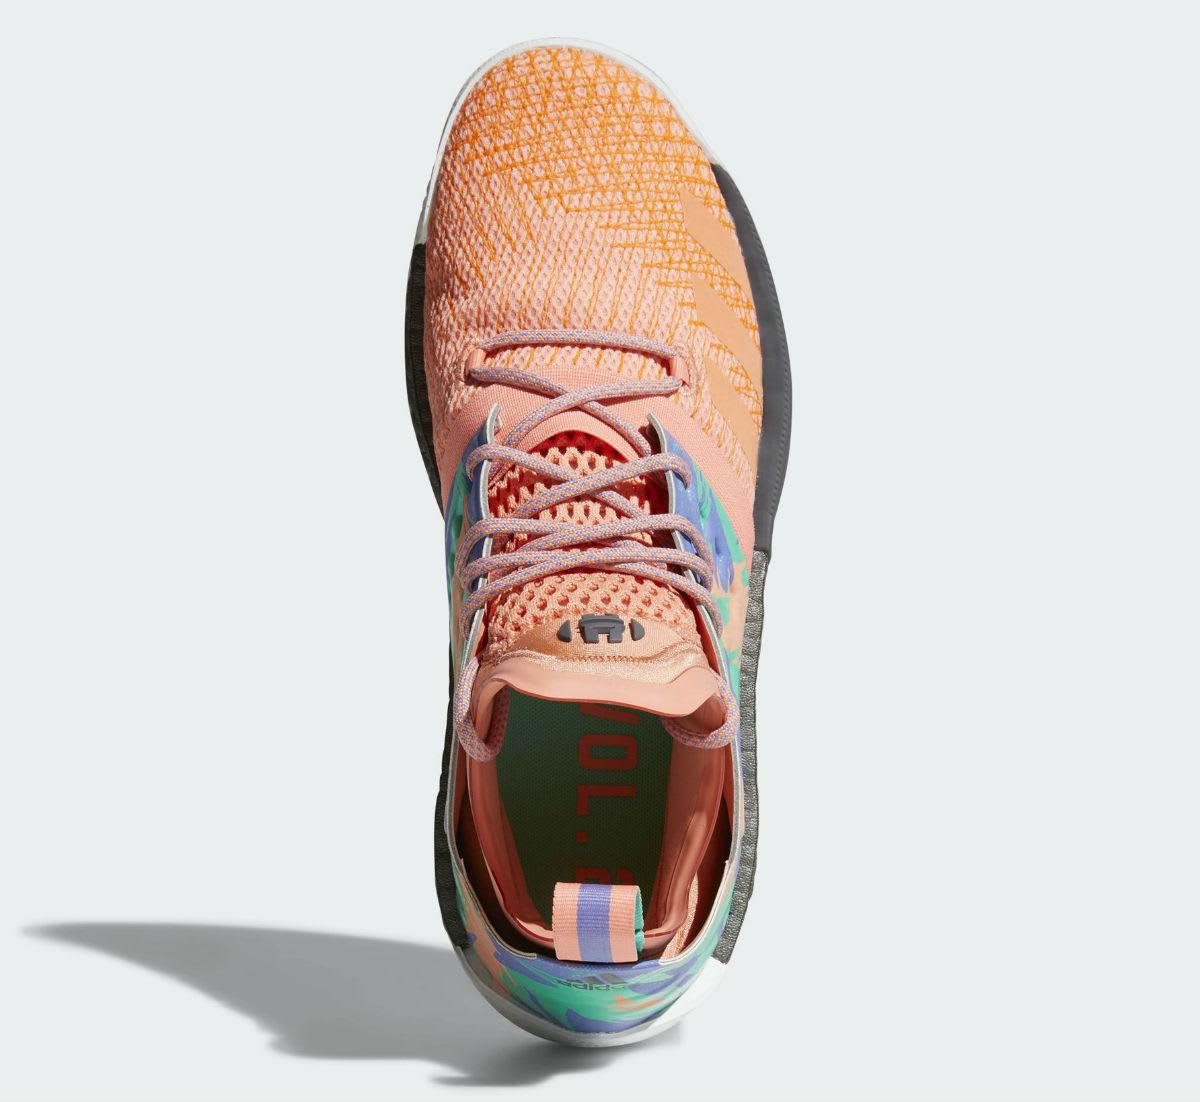 Adidas Harden Vol. 2 Orange Release Date AH2219 Top